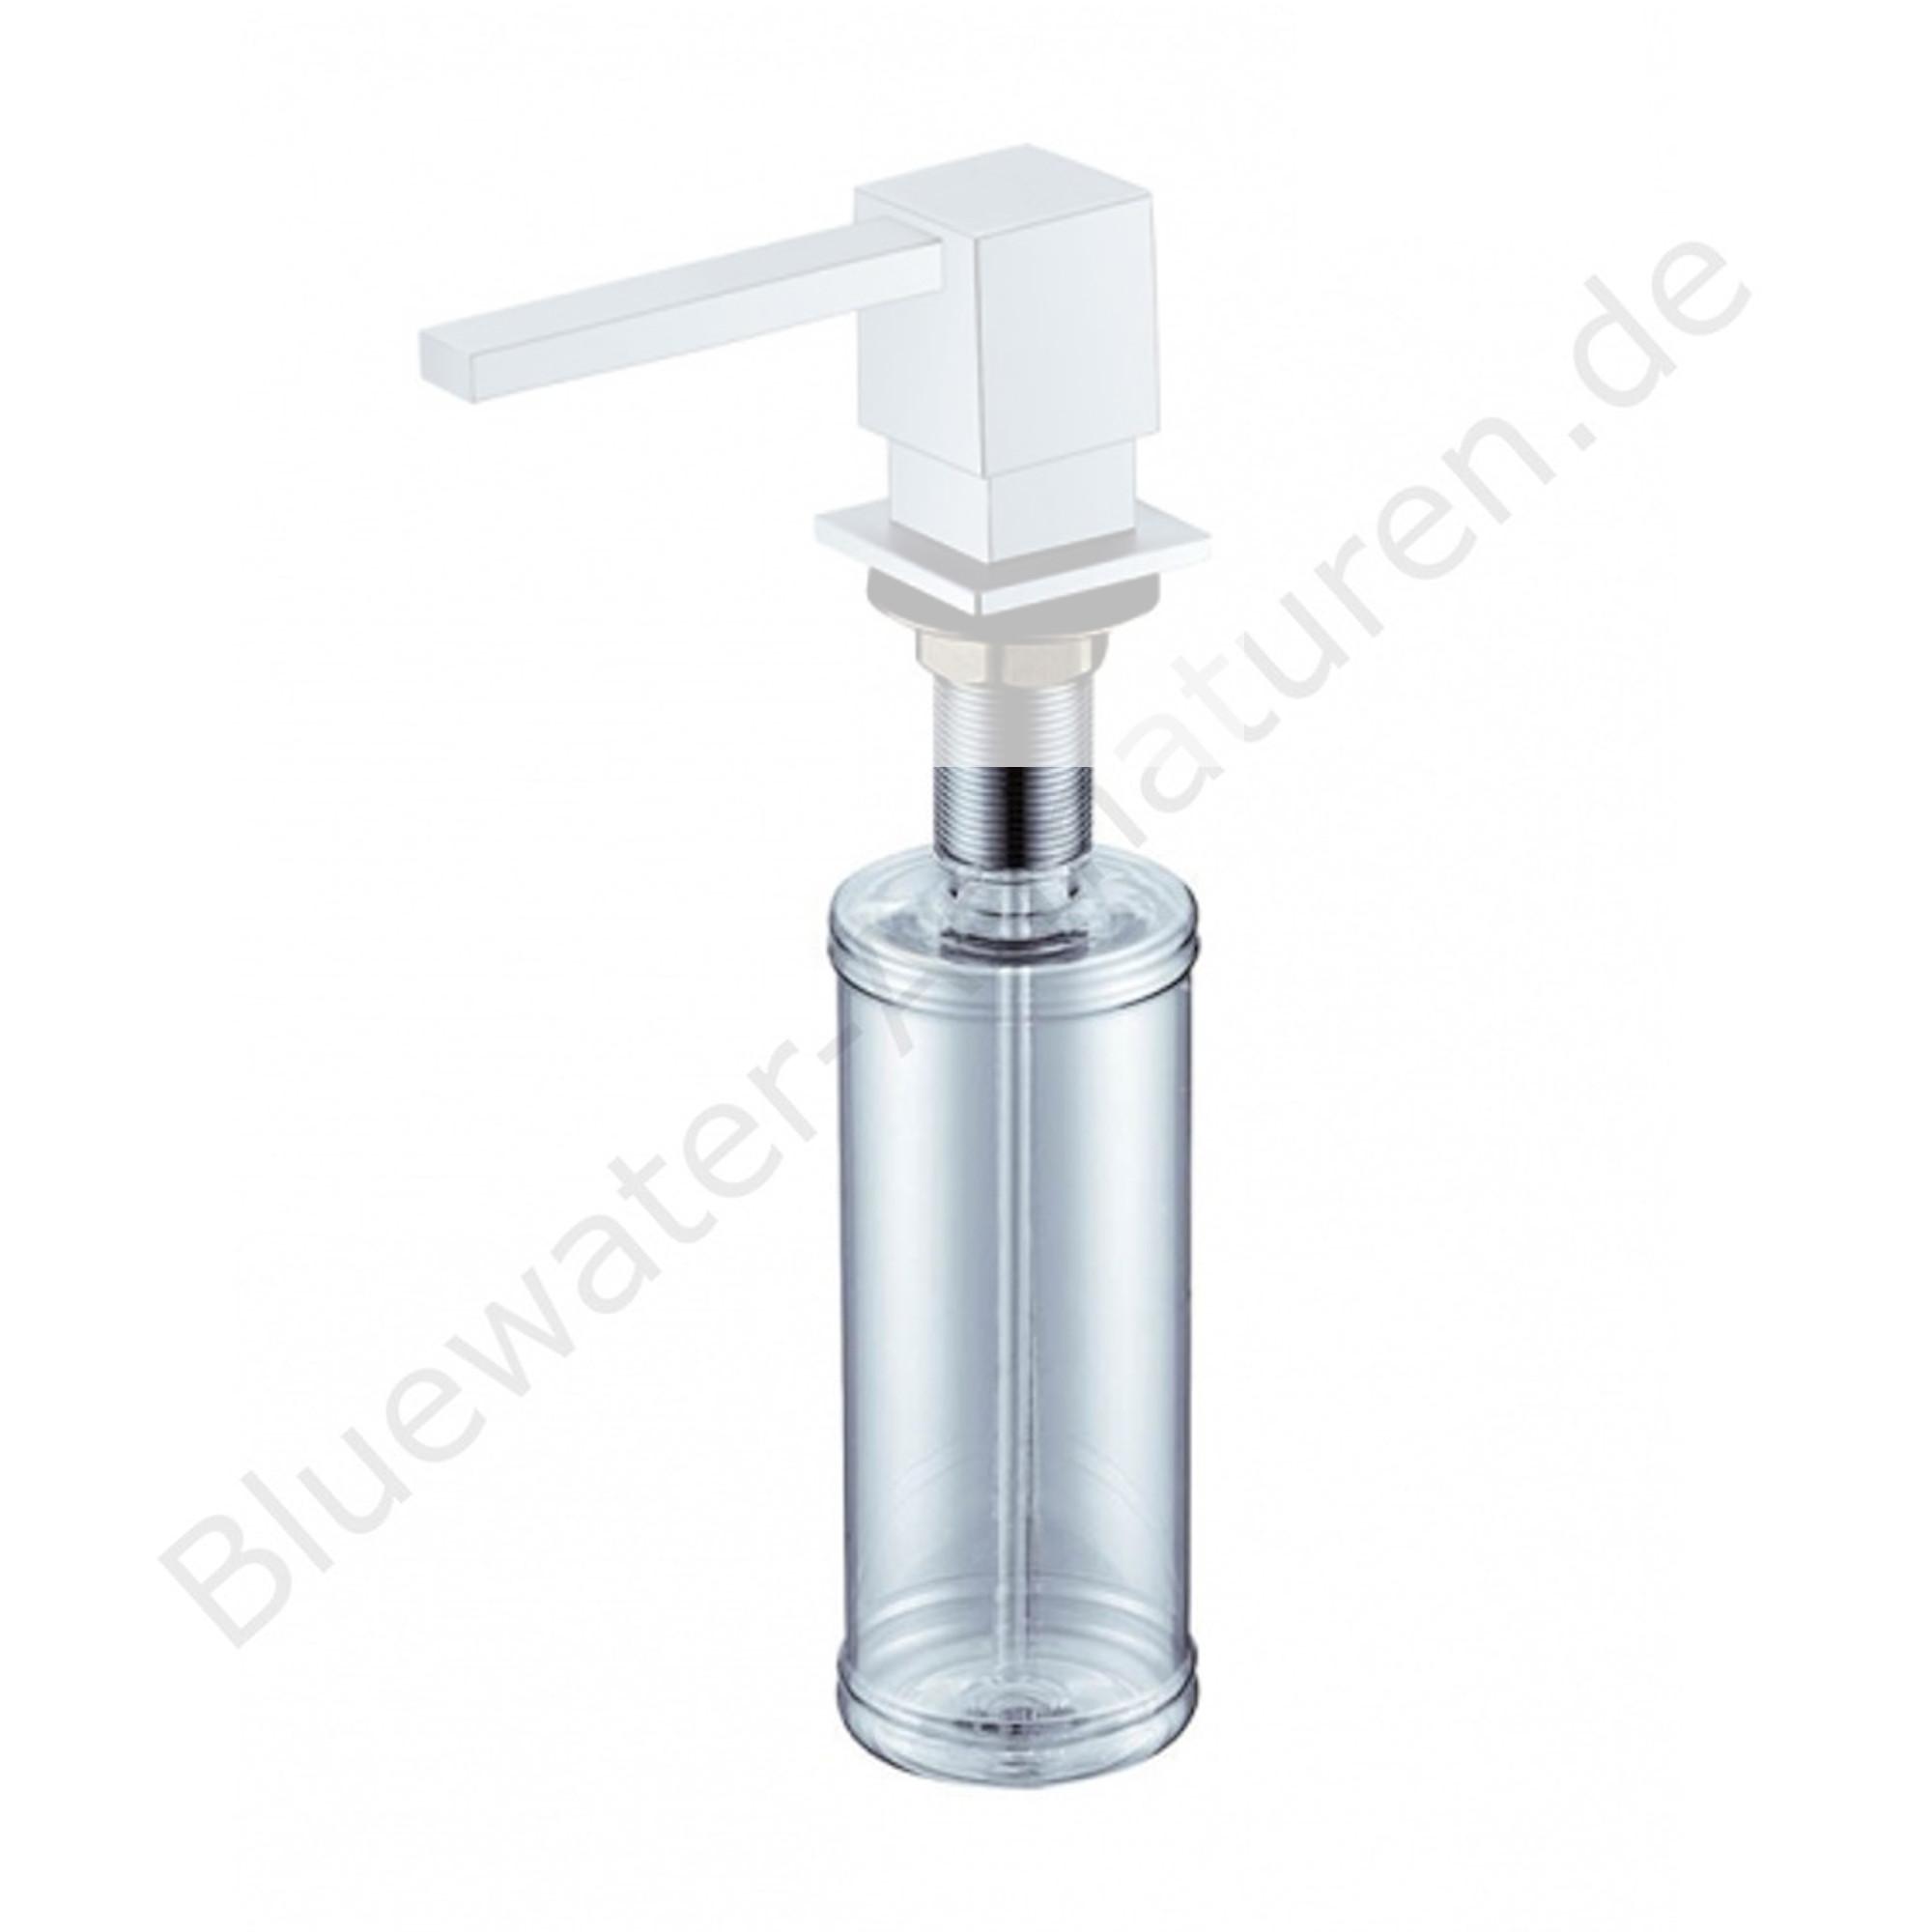 Ersatz-Behälter für Bluewater Messing Seifenspender Küche Eckig Satin